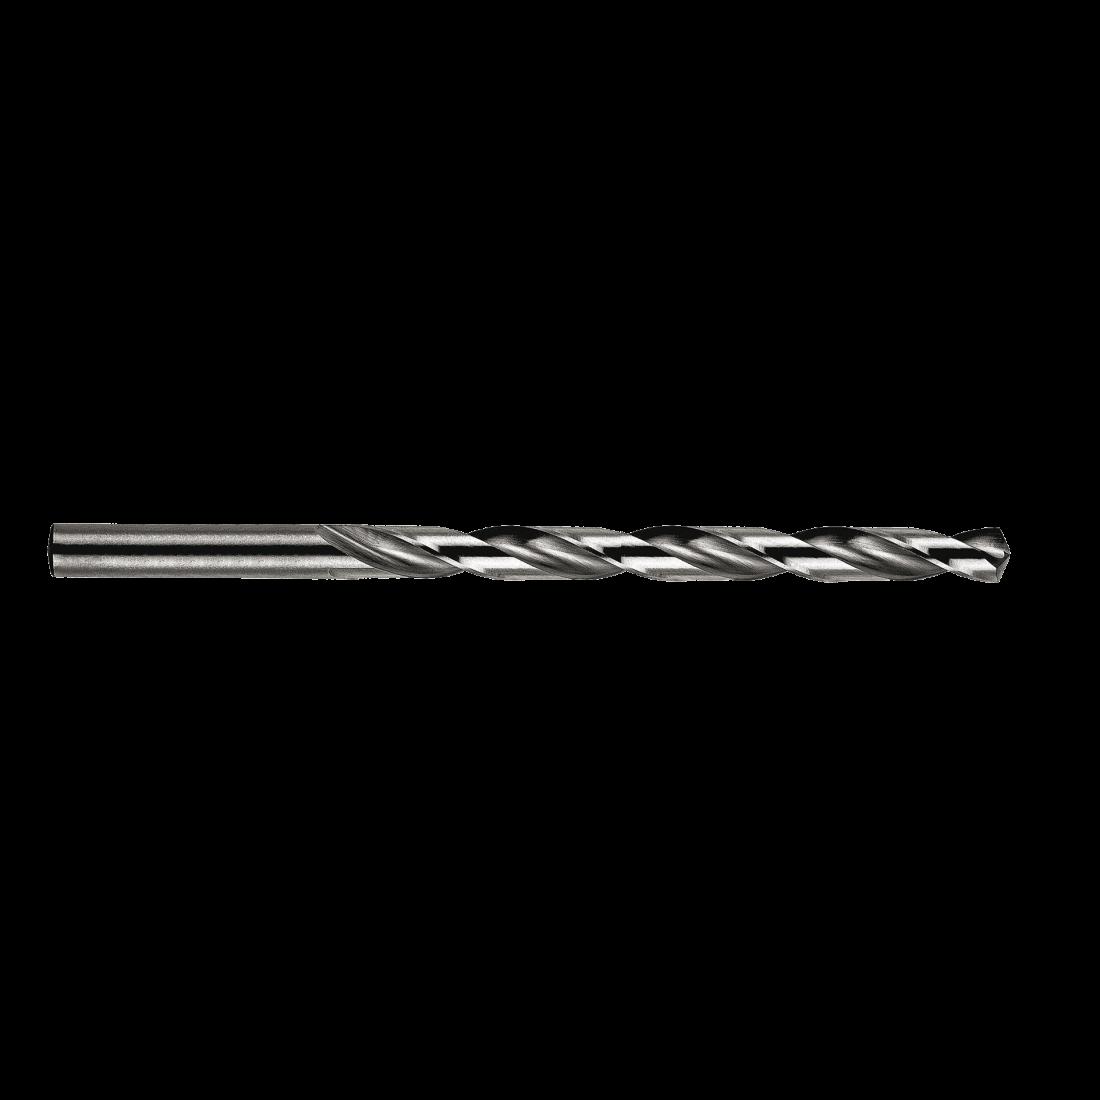 Сверлo по металлу Heller HSS-G Super DIN 340 сверхдлиннoе 6,5х97х148мм (10шт)